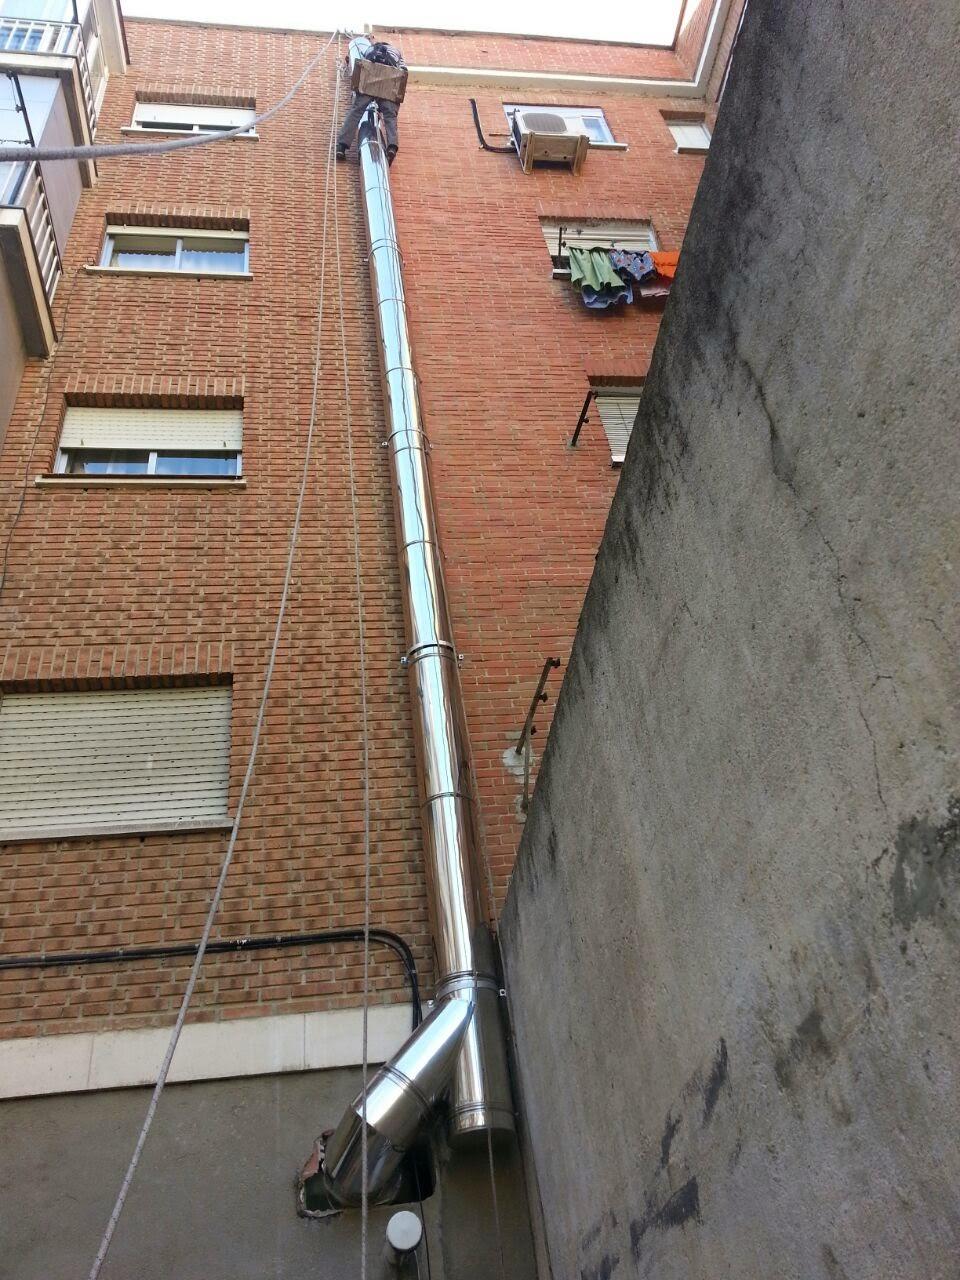 Venta de tubos de chimeneas tubos helicoidales tubos galvanizados tubos de doble capa tubos - Tubos chimenea acero inoxidable precios ...